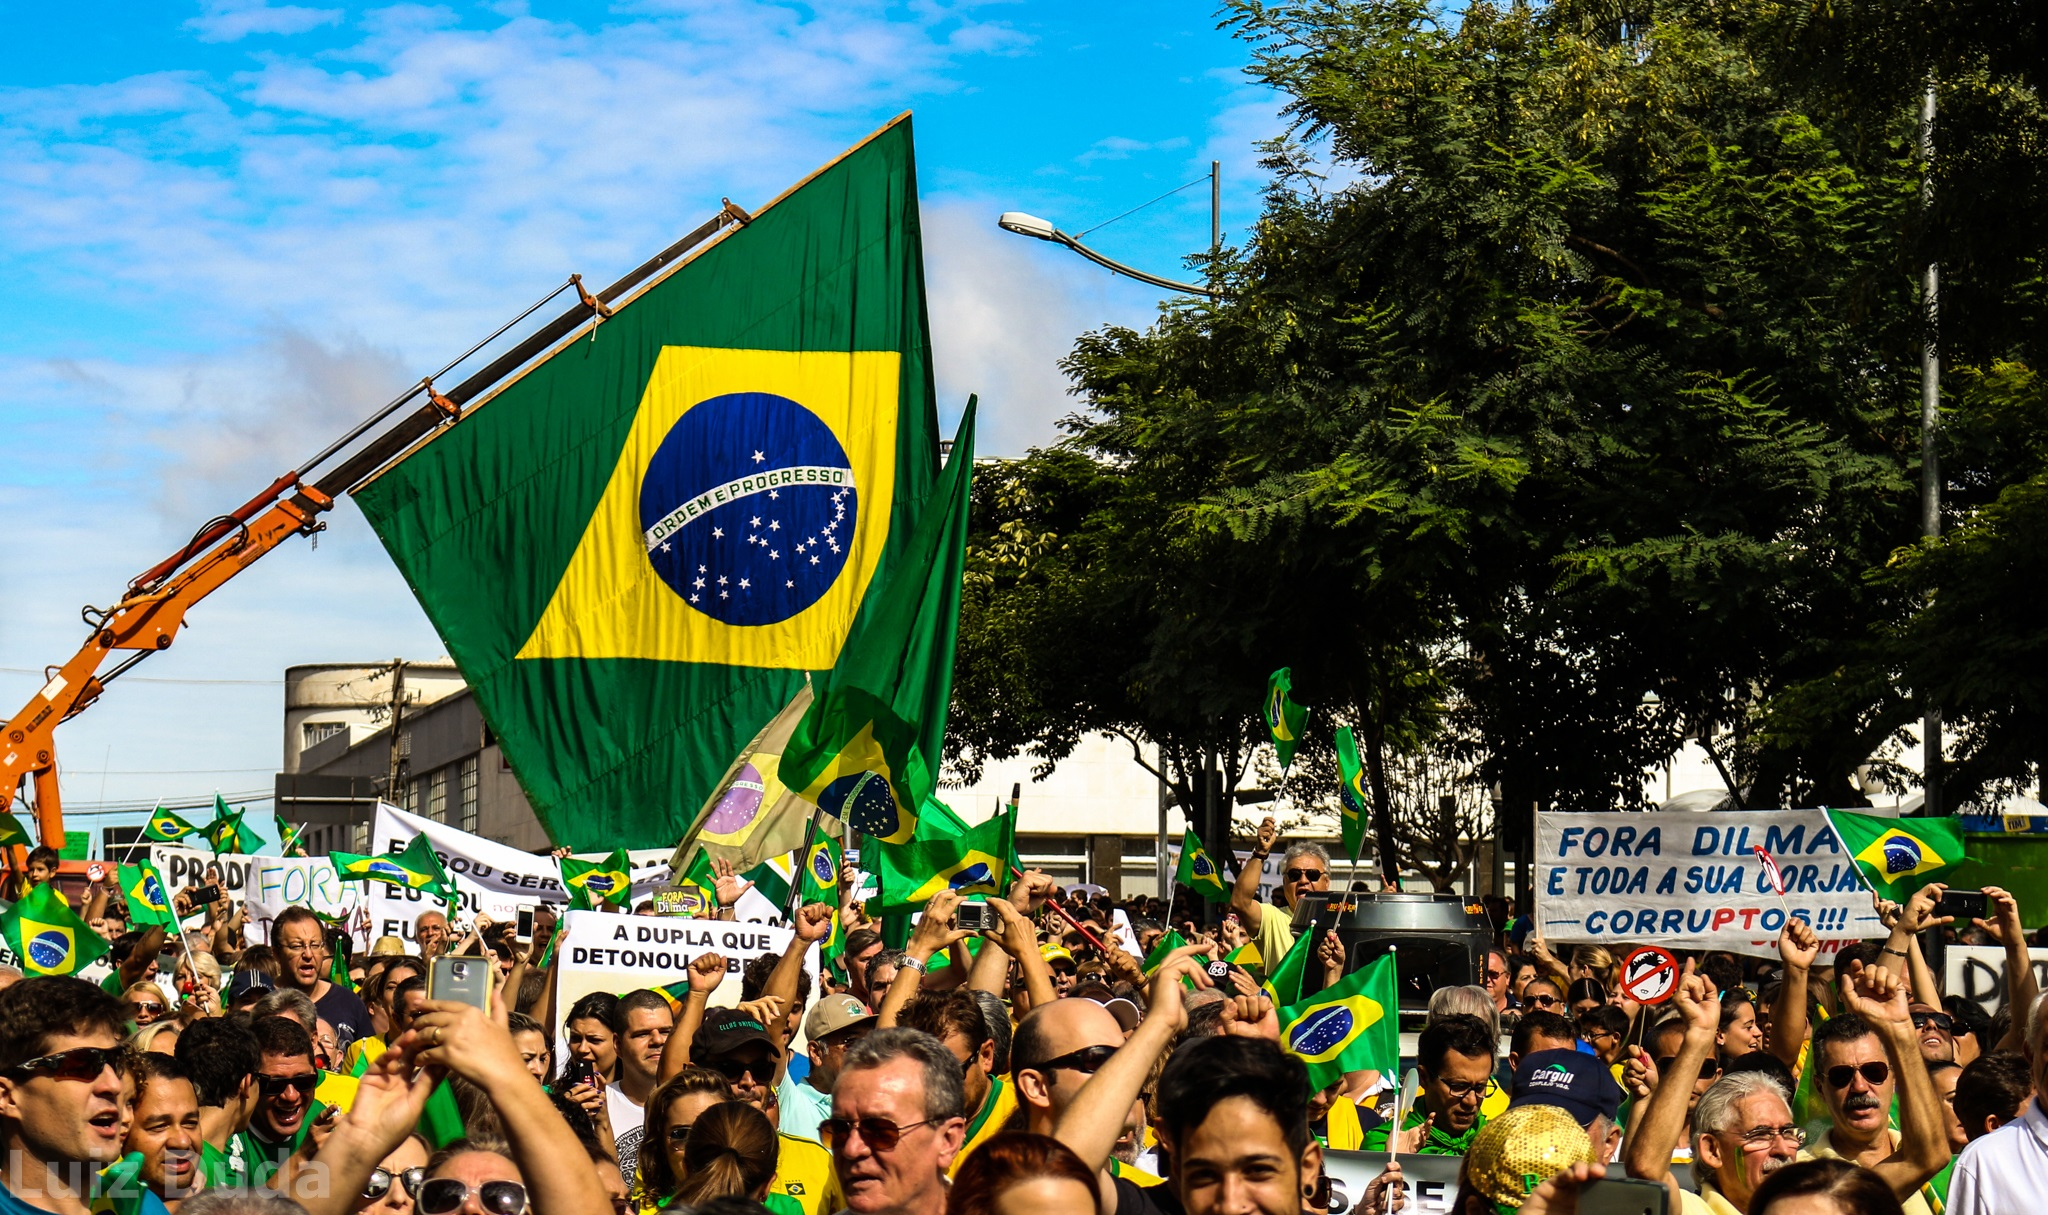 Protestos contra o Governo da Dilma 15 de março de 2015-Ponta Grossa Manifestação